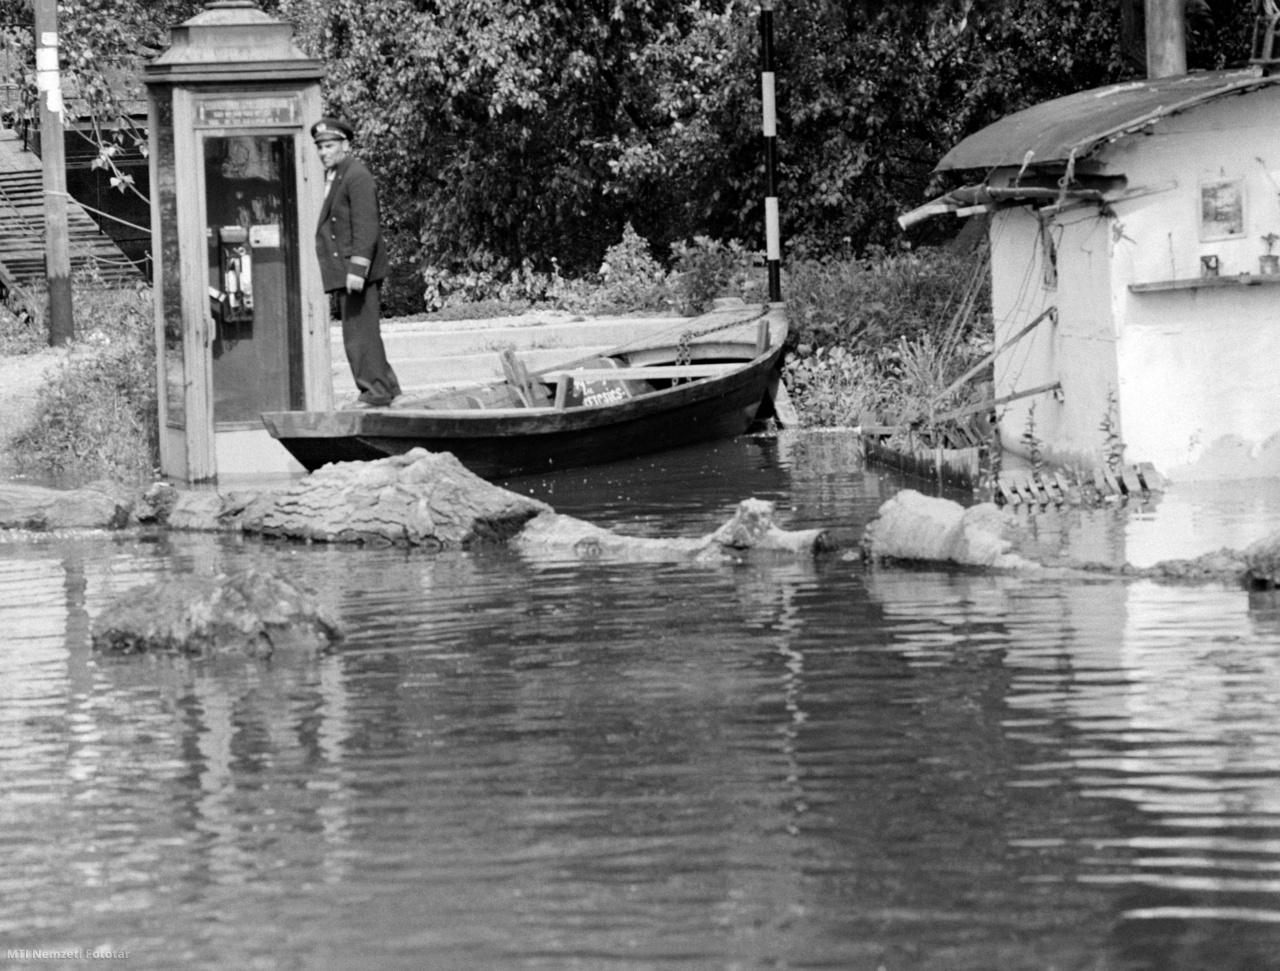 Egy matróz csónakban áll a megáradt Duna folyó mellett egy népszigeti telefonfülkénél 1965. június 17-én. Az árvízi mentésben több a feladatuk a vízi rendészeti szerveknek. A kiürített házak a könnyű zsákmány reményében vonzzák a bűnözőket, ezért a Budapesti Vízirendőrőrs teljes létszáma készenlétben van, hajókkal éjjel-nappal járják az elöntött területeket, hogy megakadályozzák a bűncselekményeket, fosztogatásokat. A járőrök irányítják az önkéntes rendőröket, figyelik a gátakat, segítenek a mentésben is az elsődleges feladatuk, a közbiztonság megőrzése mellett.